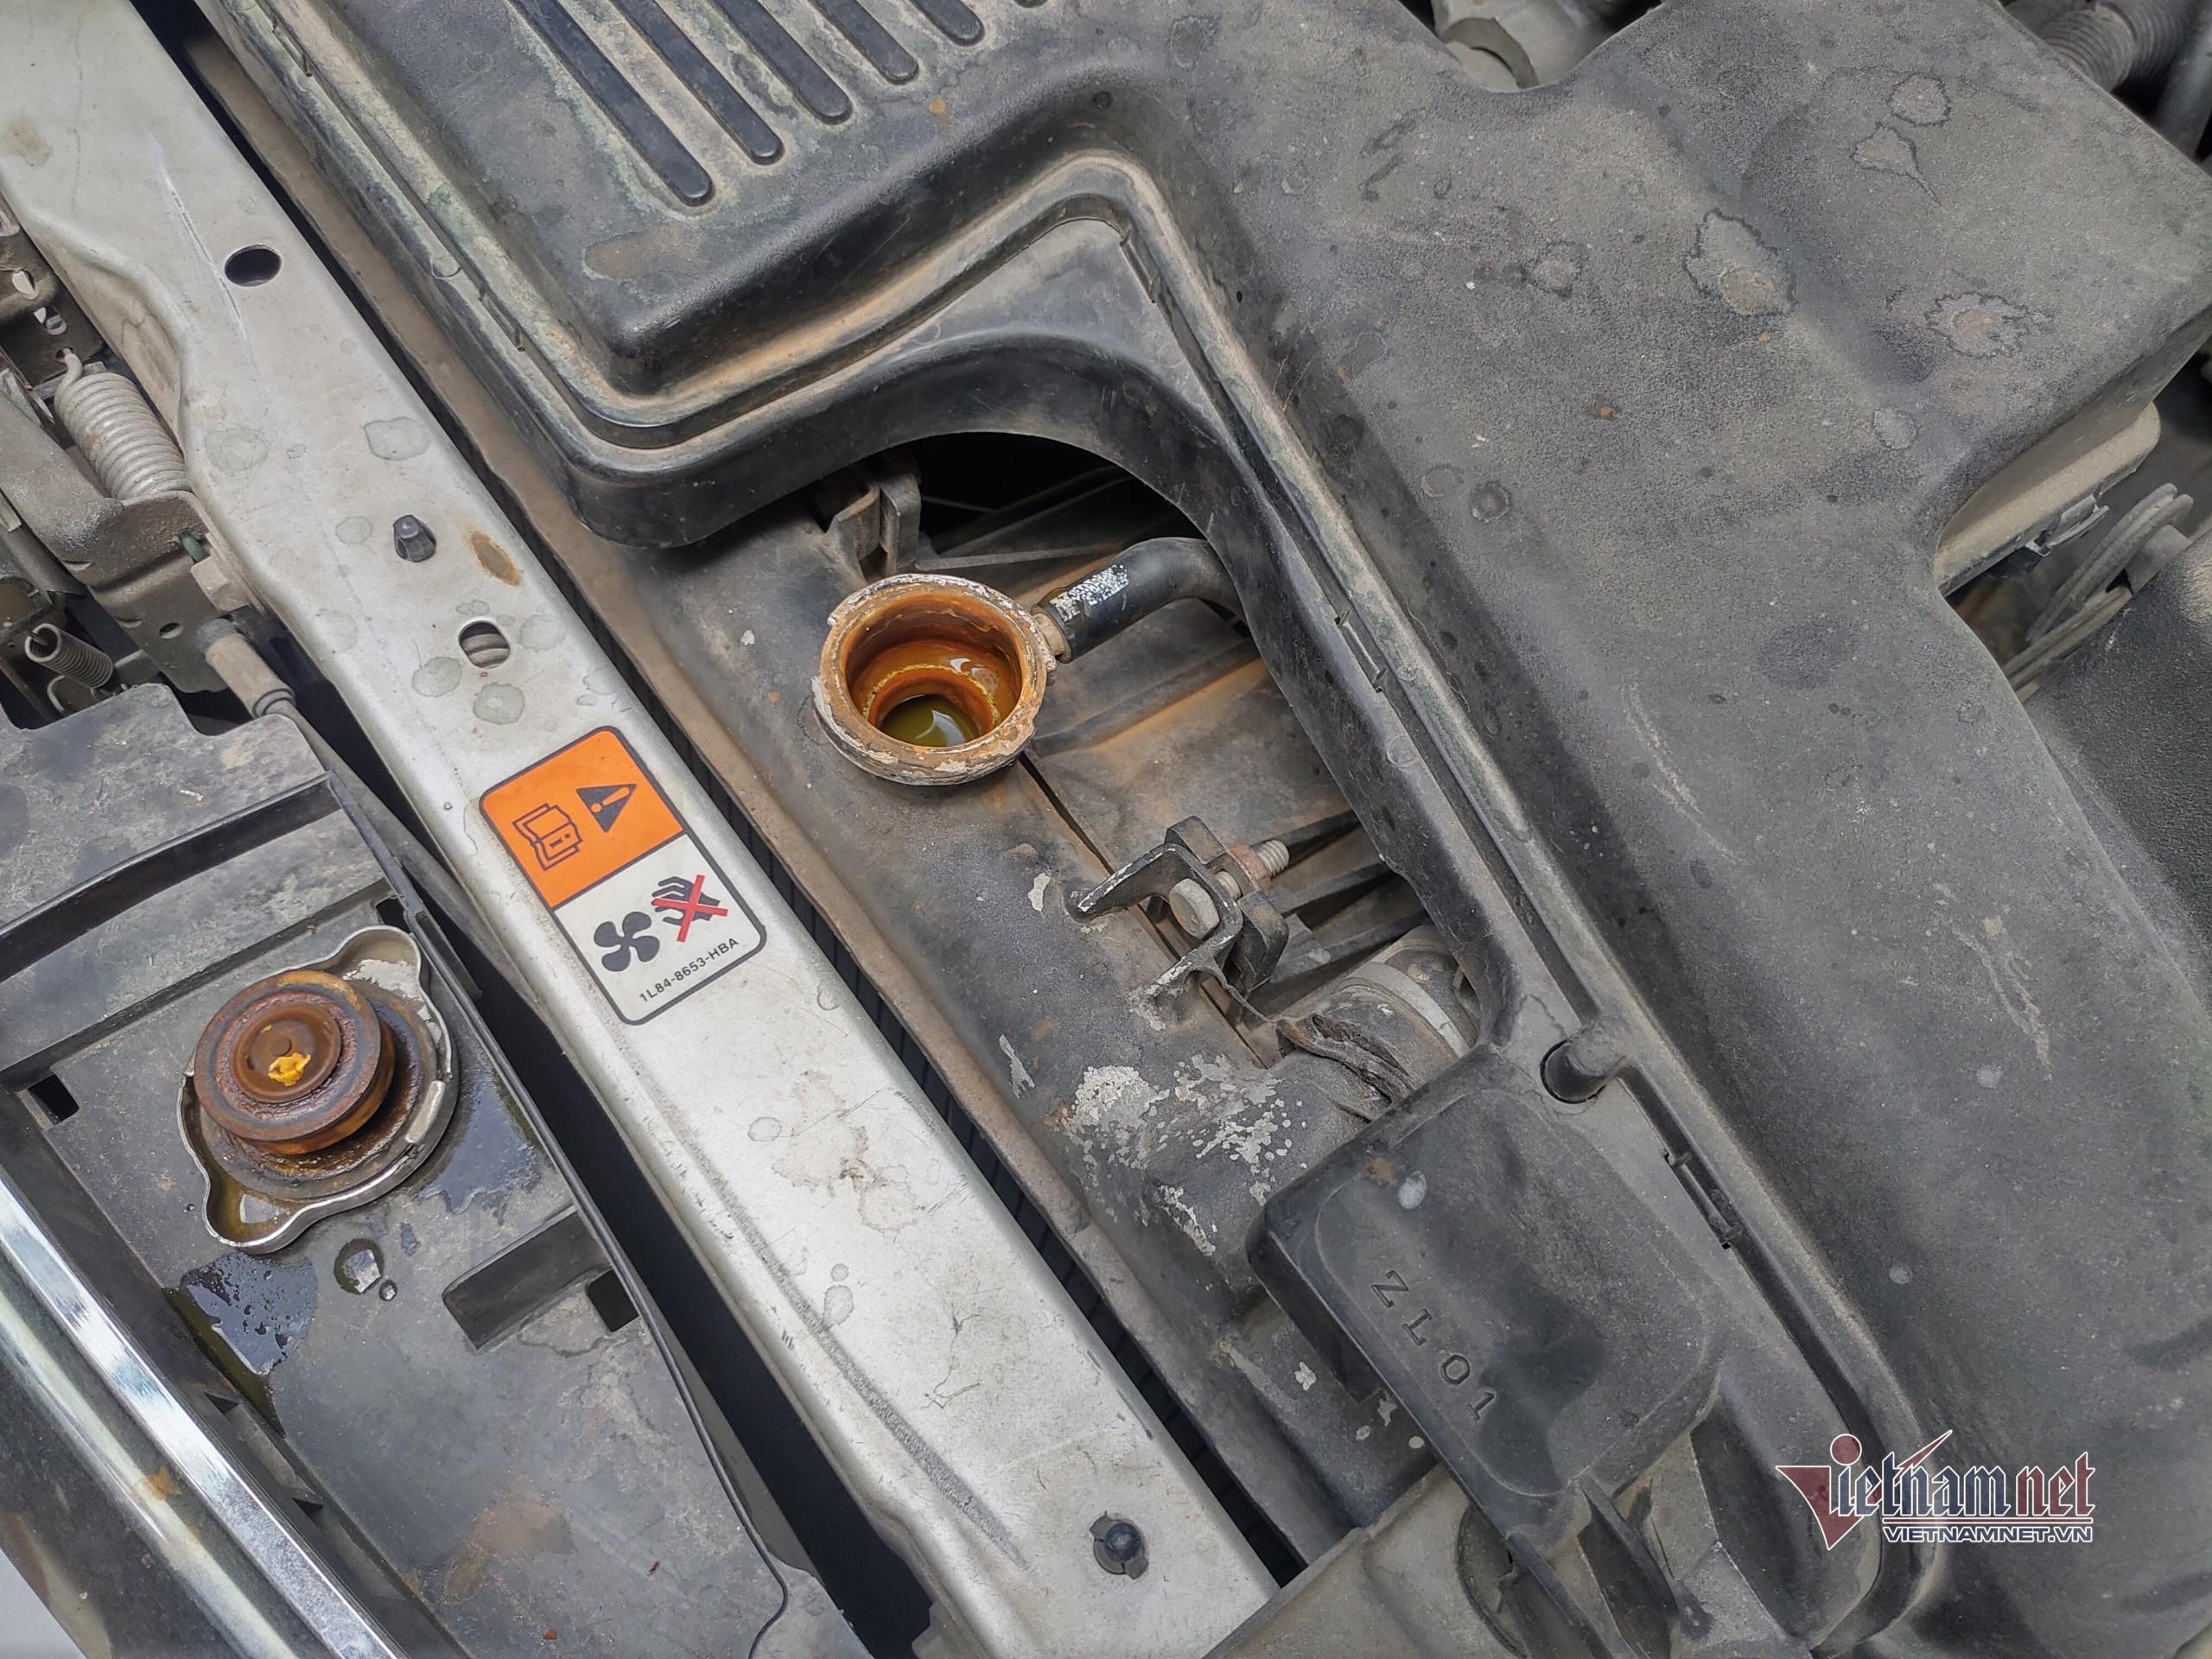 Hao nước làm mát: Xe hỏng nặng vì thói quen ẩu của chủ xe